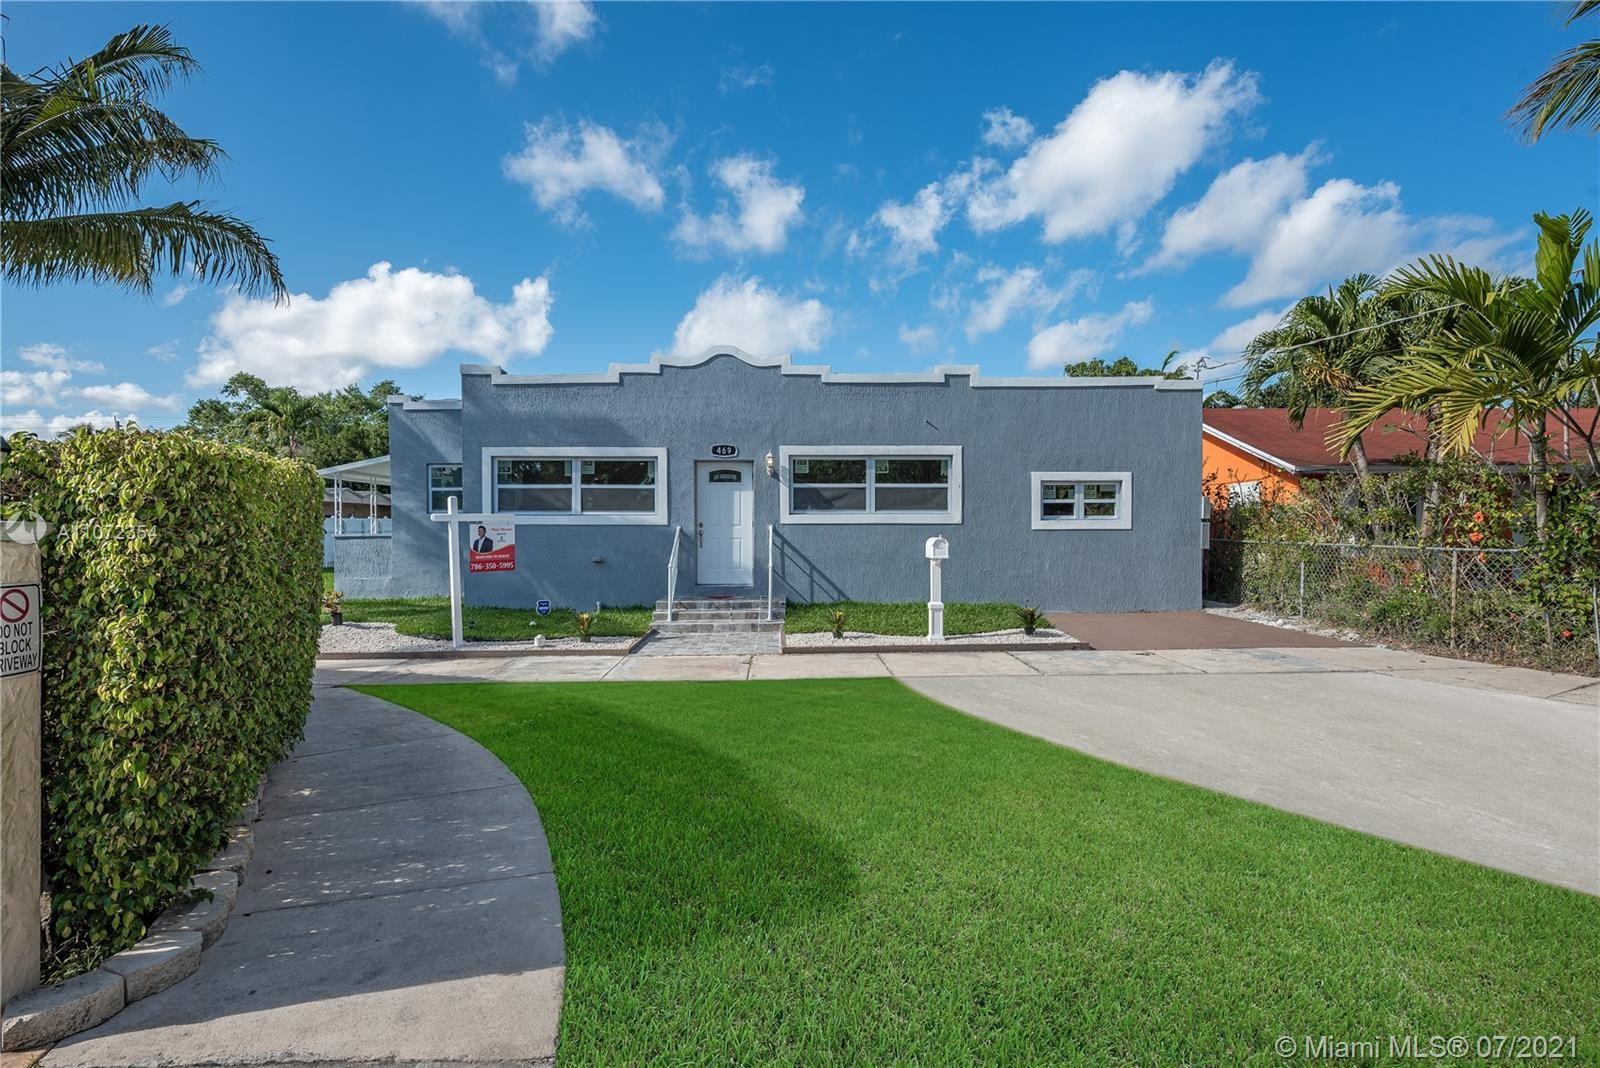 Photo of 469 NE 130th St, North Miami, FL 33161 (MLS # A11072354)